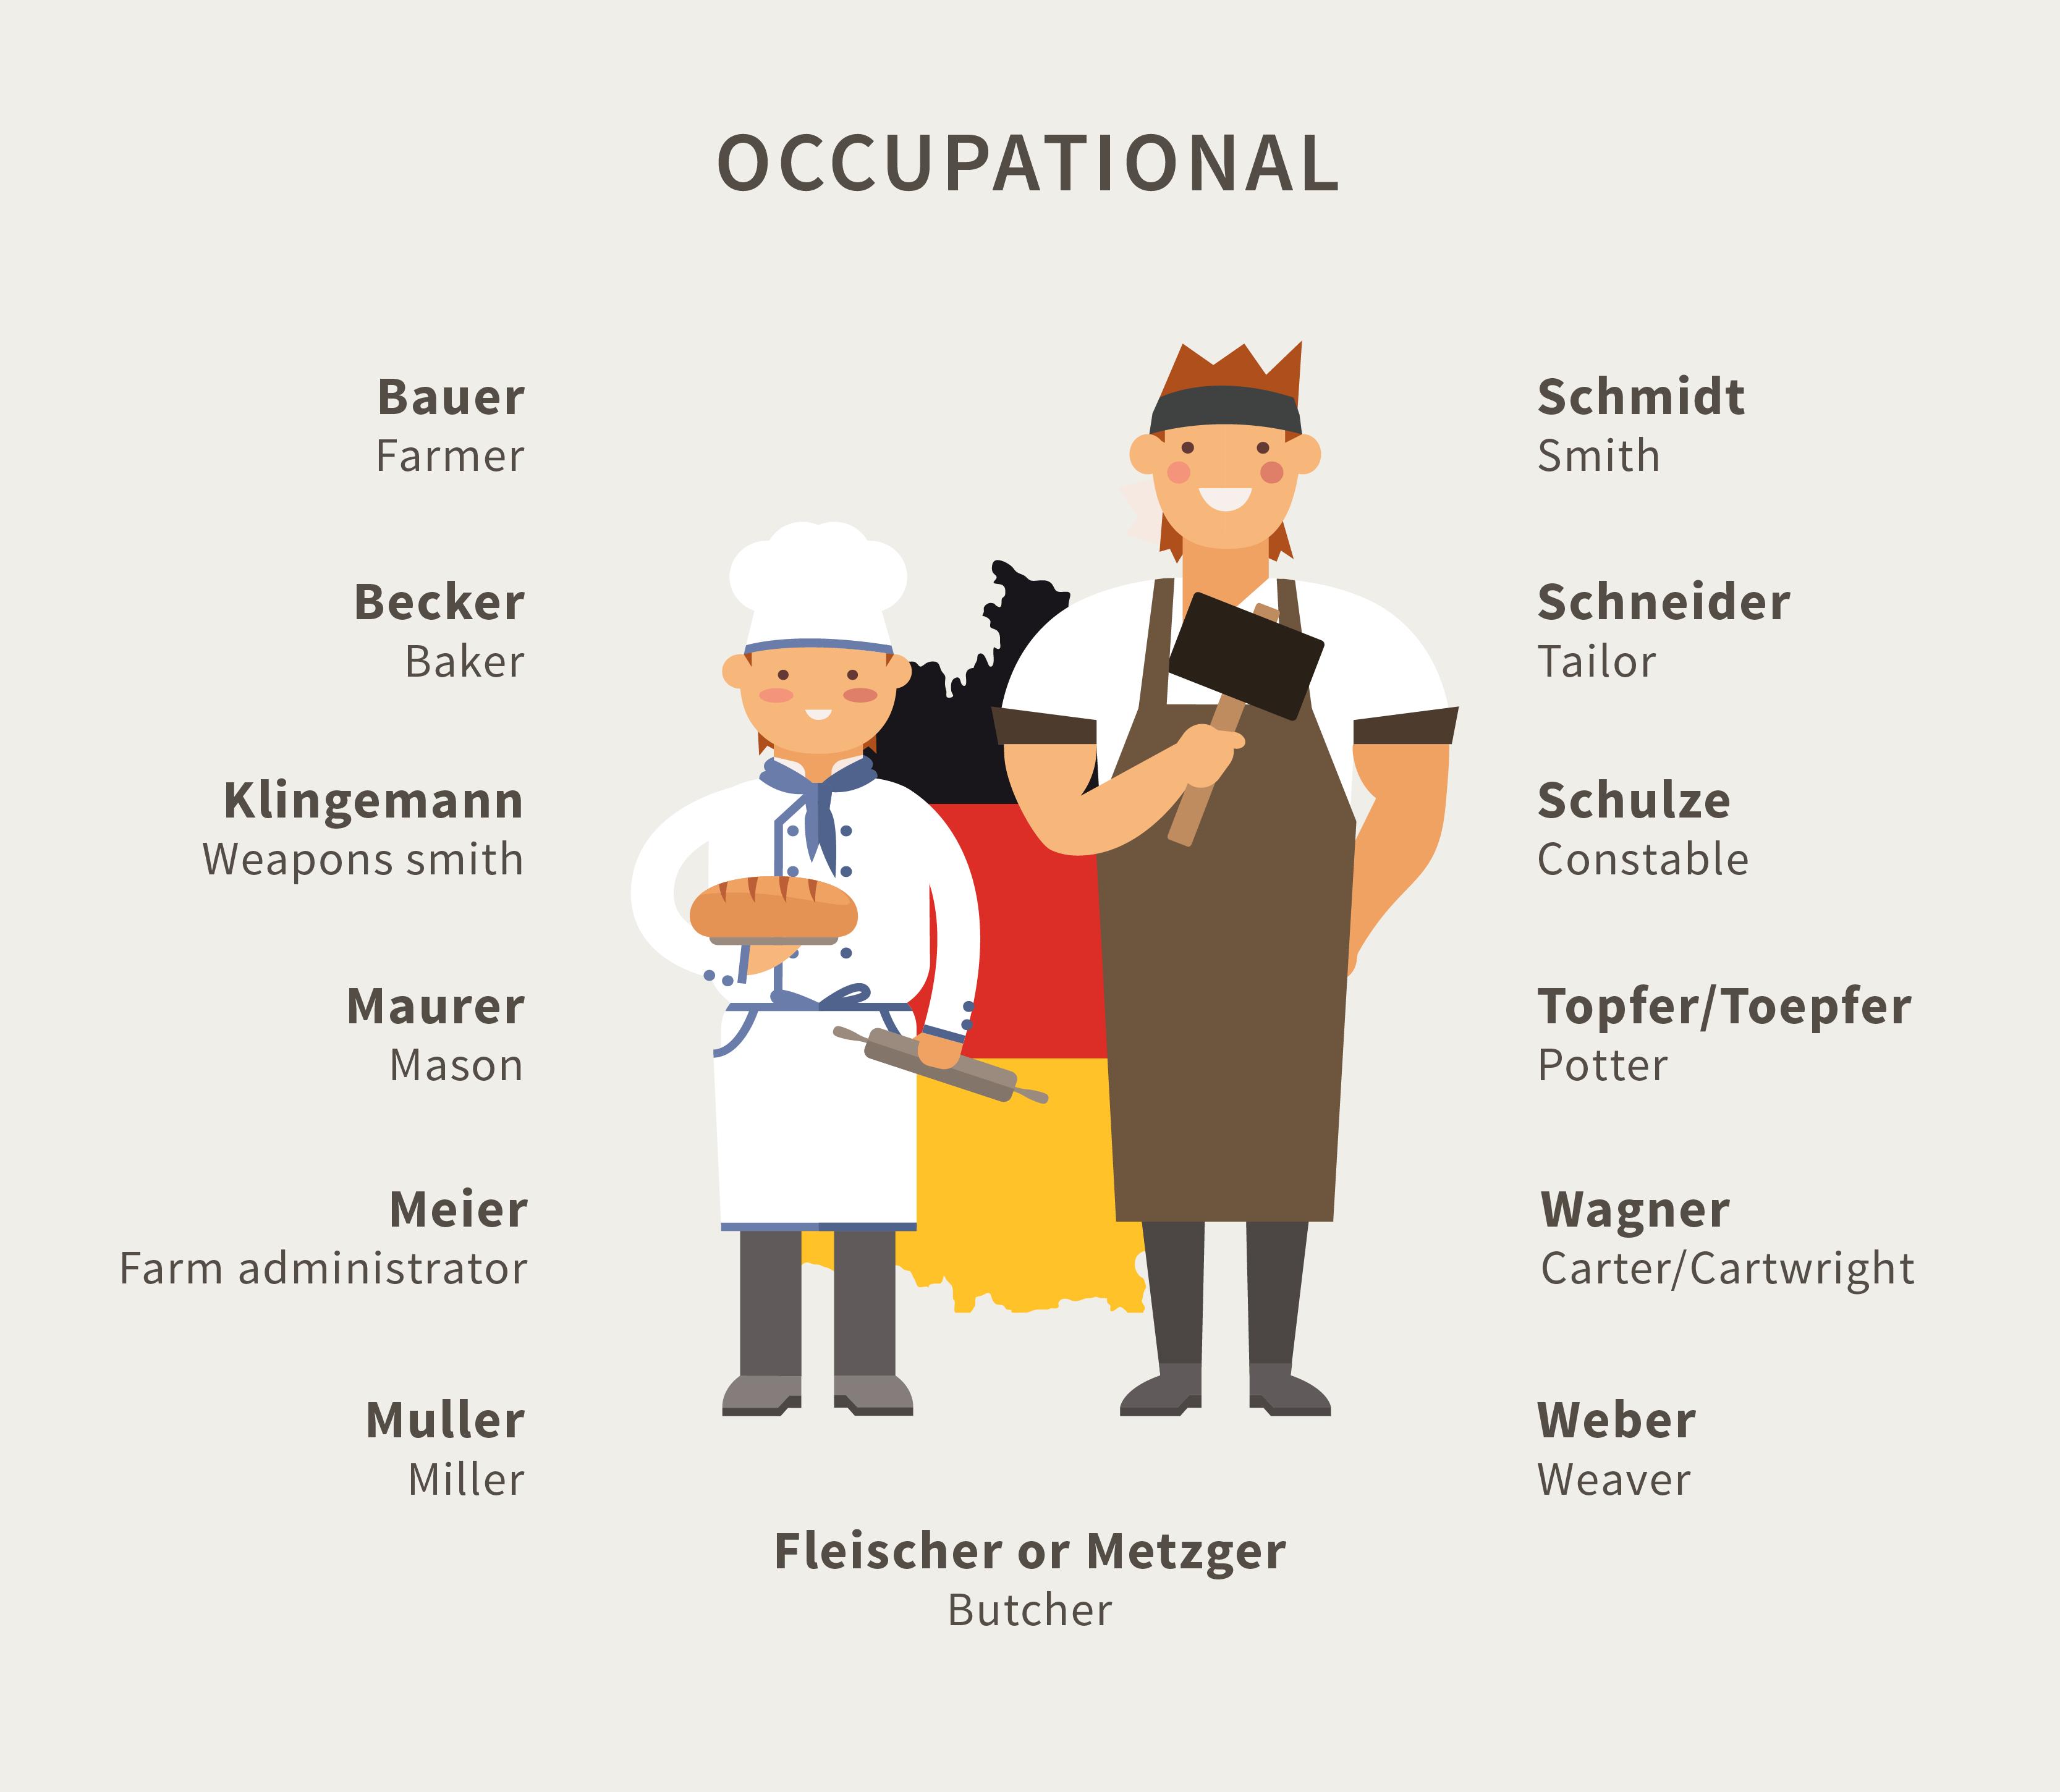 Occupational German Surnames